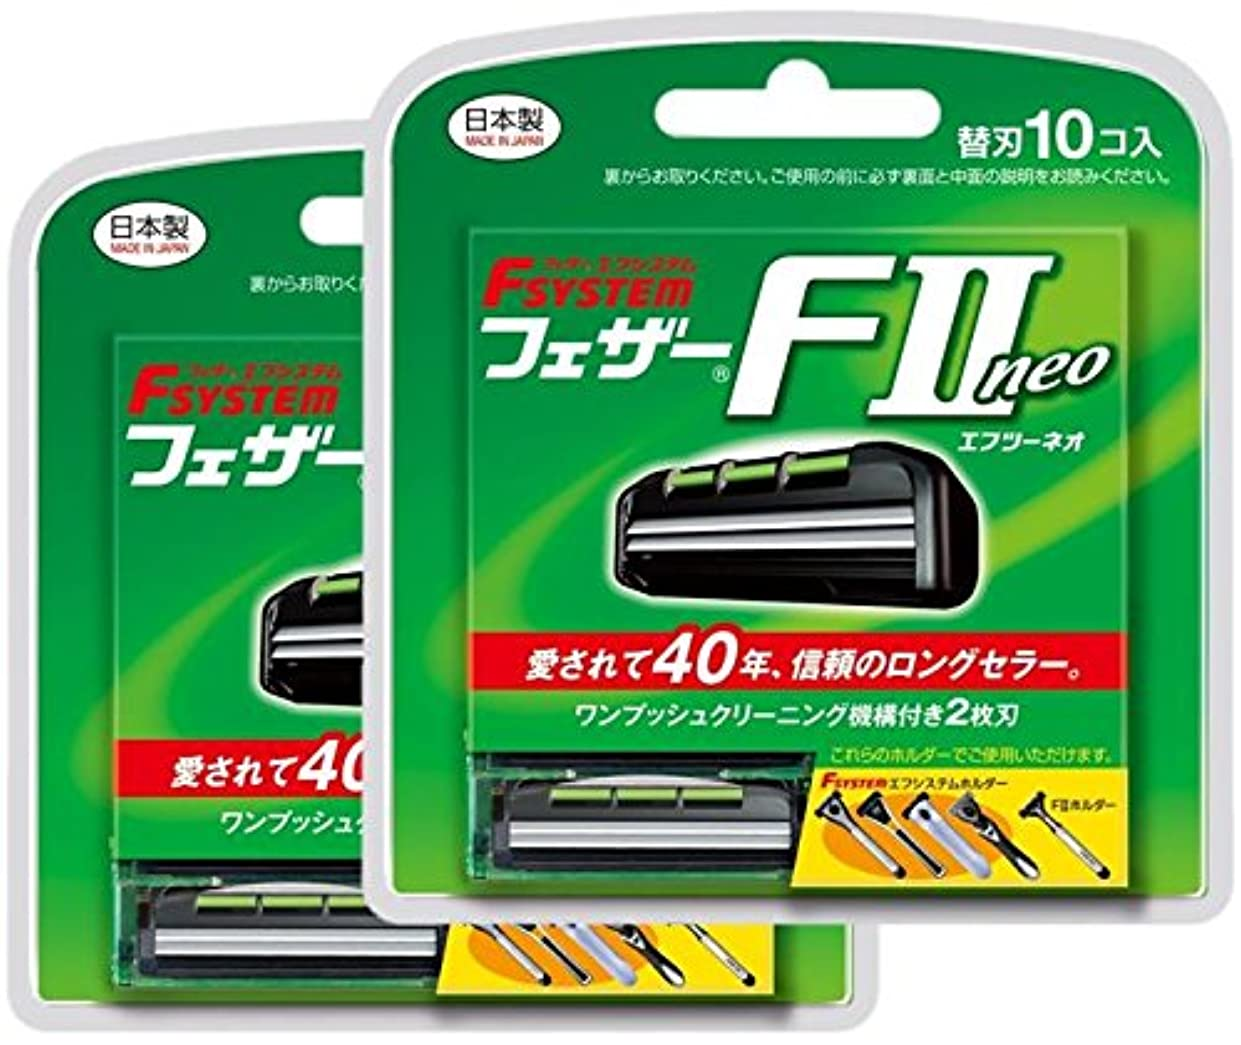 未亡人不当それに応じてフェザー エフシステム 替刃 FIIネオ 10コ入×2個セット